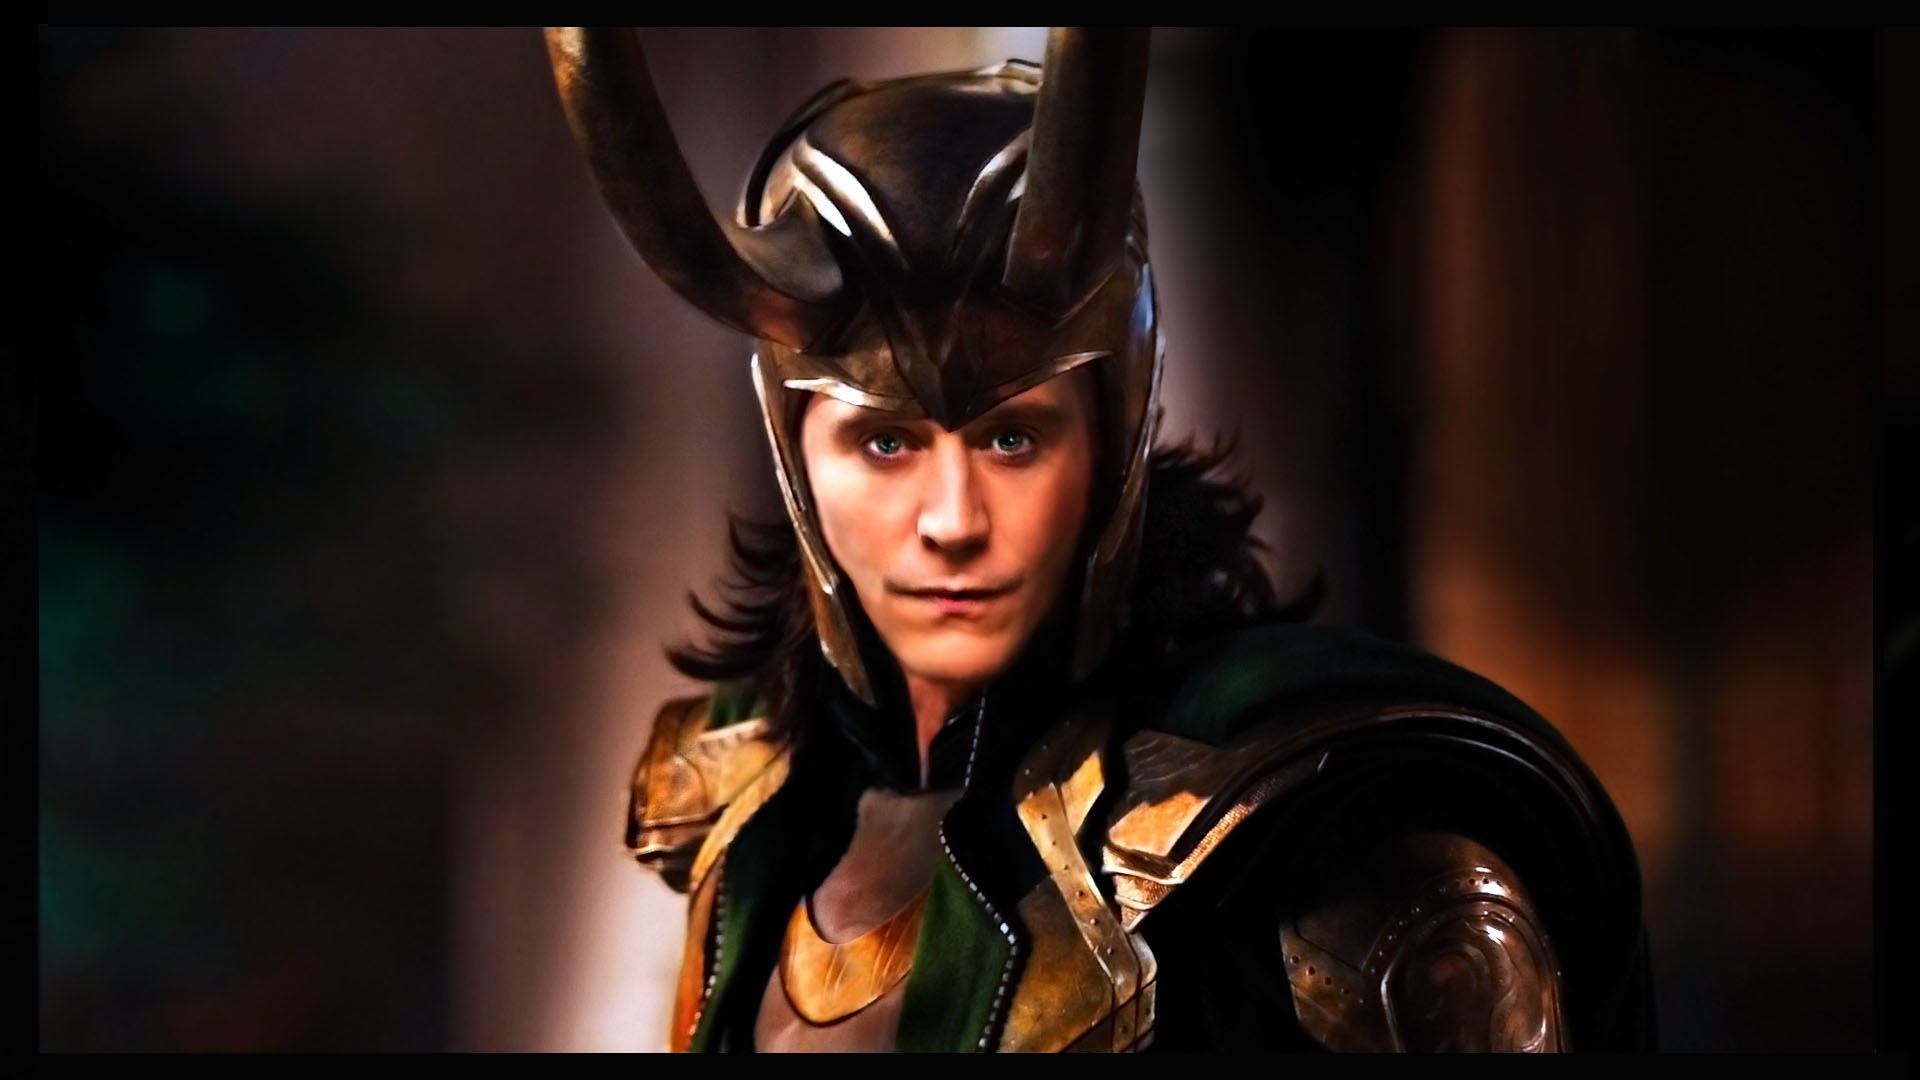 Loki-Portrait by stak1073